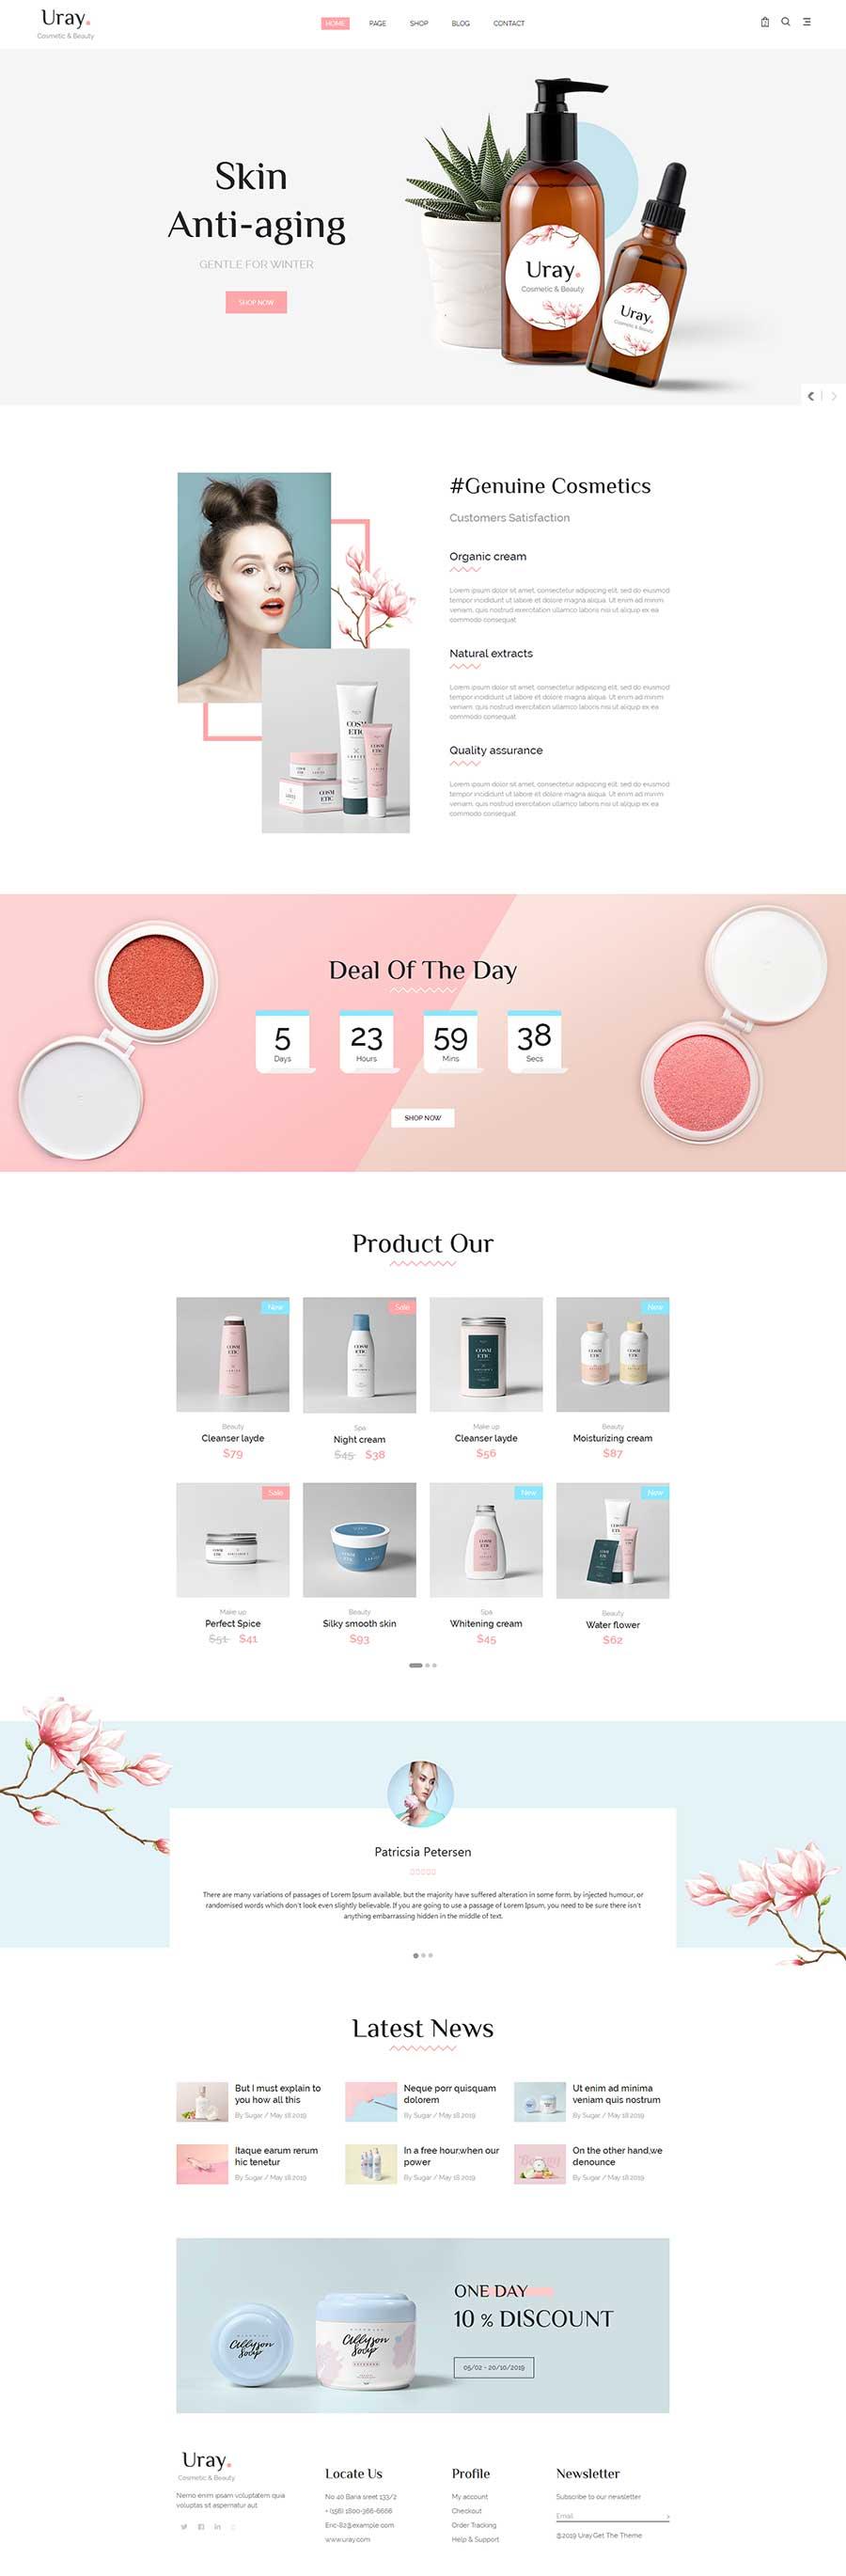 粉色风格Bootstrap响应式美容化妆品商城网站模板